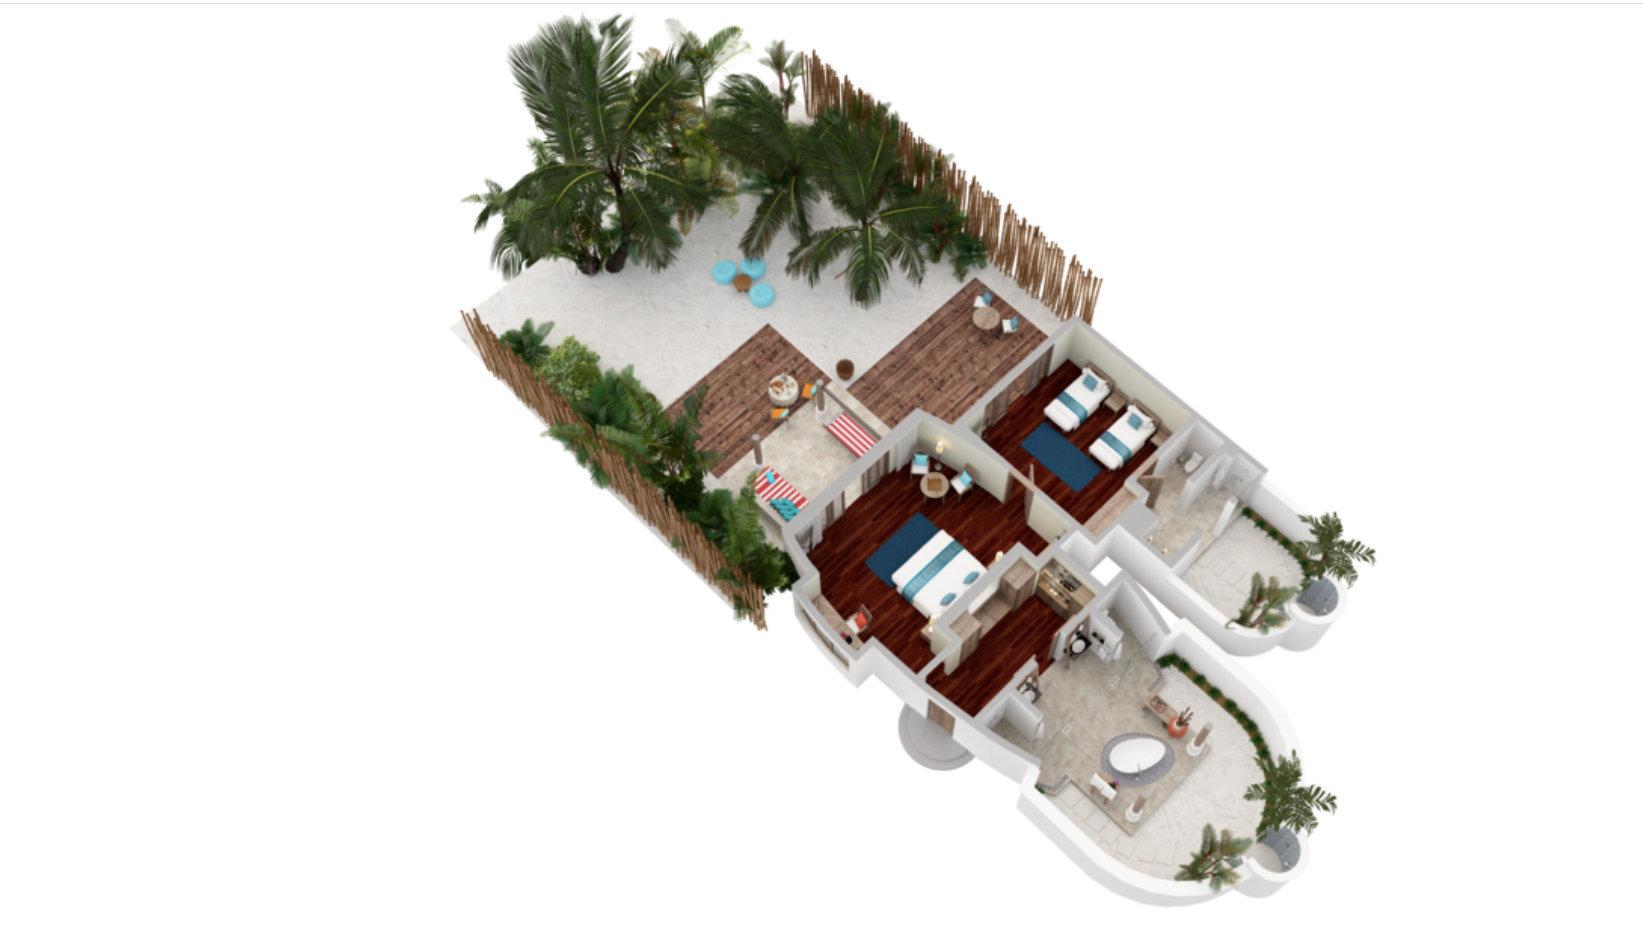 Мальдивы, отель Anantara Dhigu Maldives Resort, план-схема номера Two Bedroom Family Villa